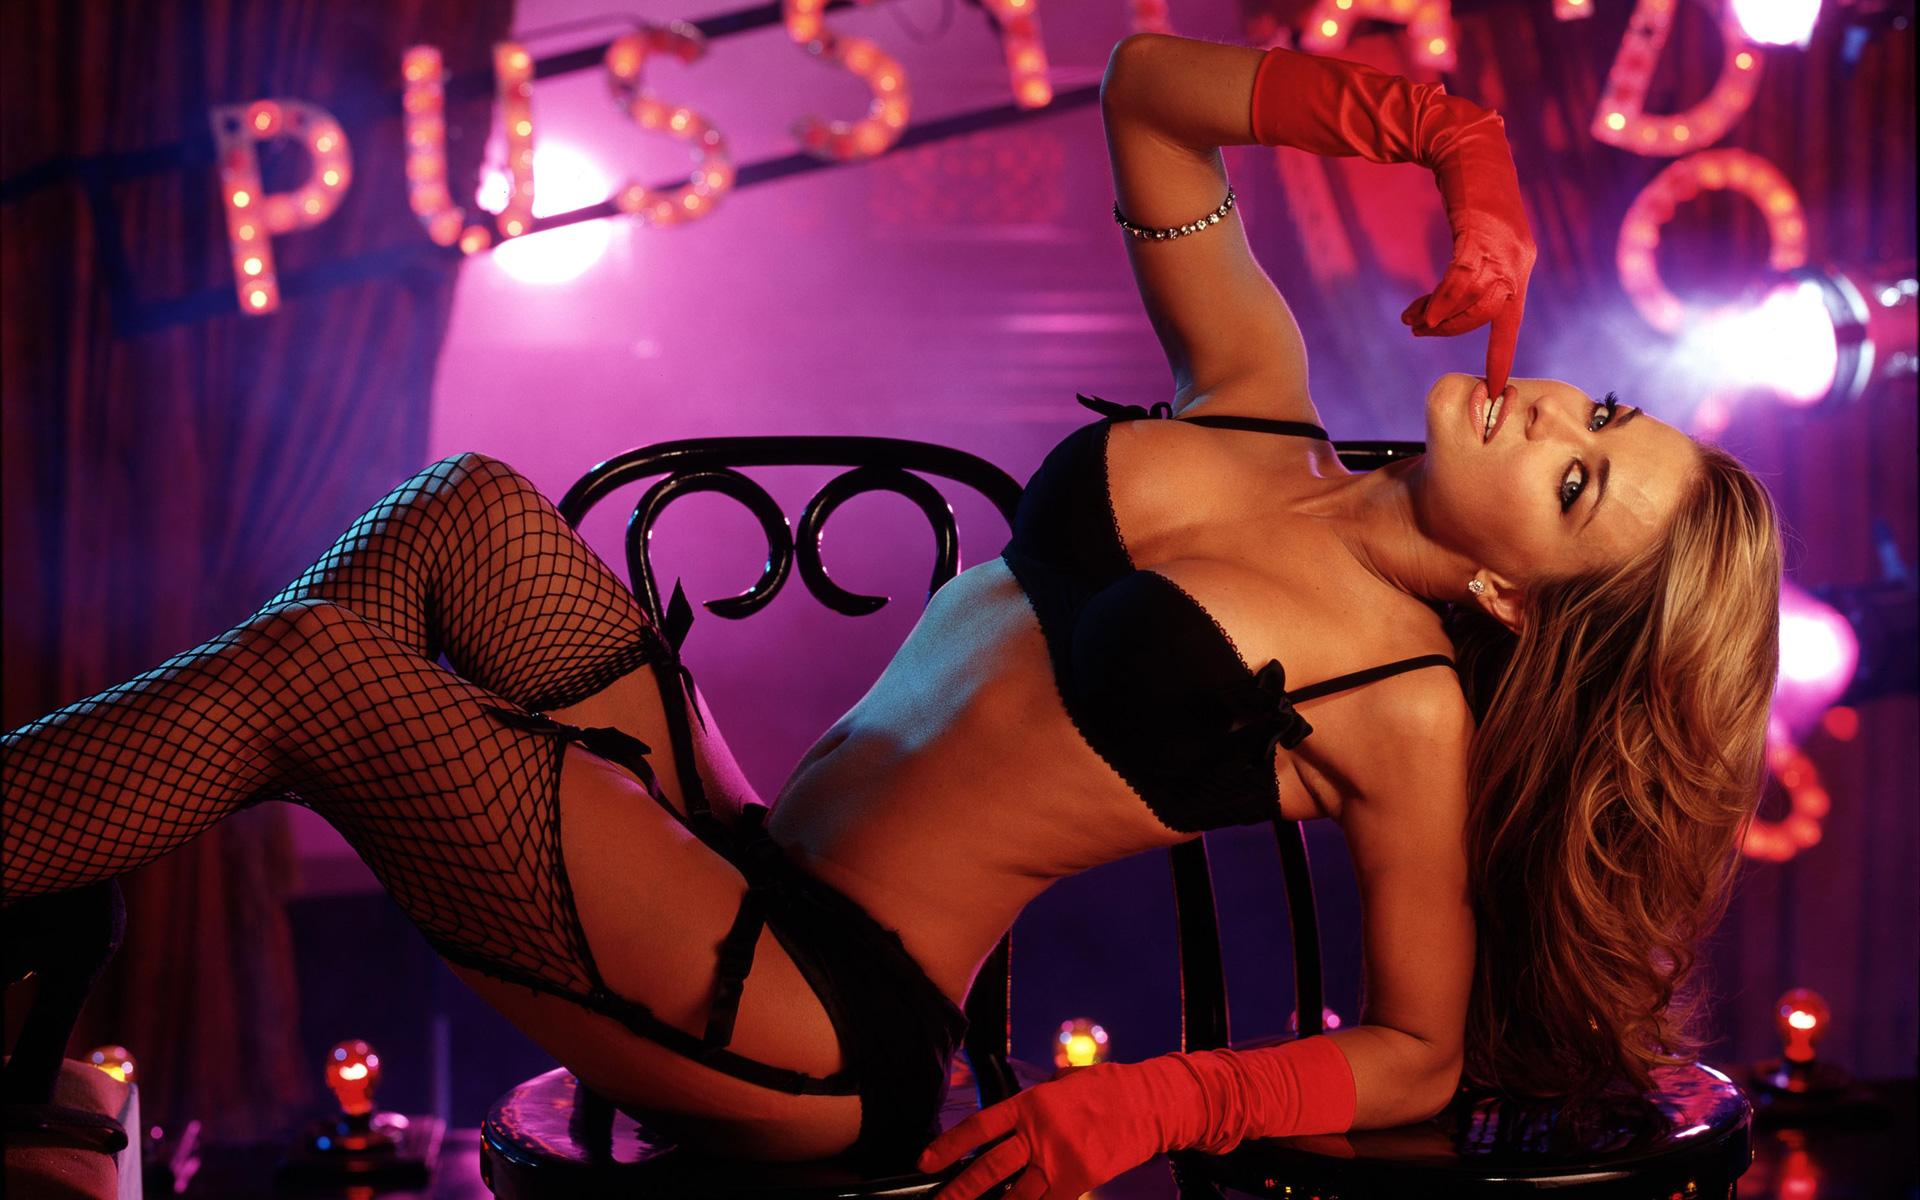 Смотреть видео в клубе танцуют без белья — photo 1